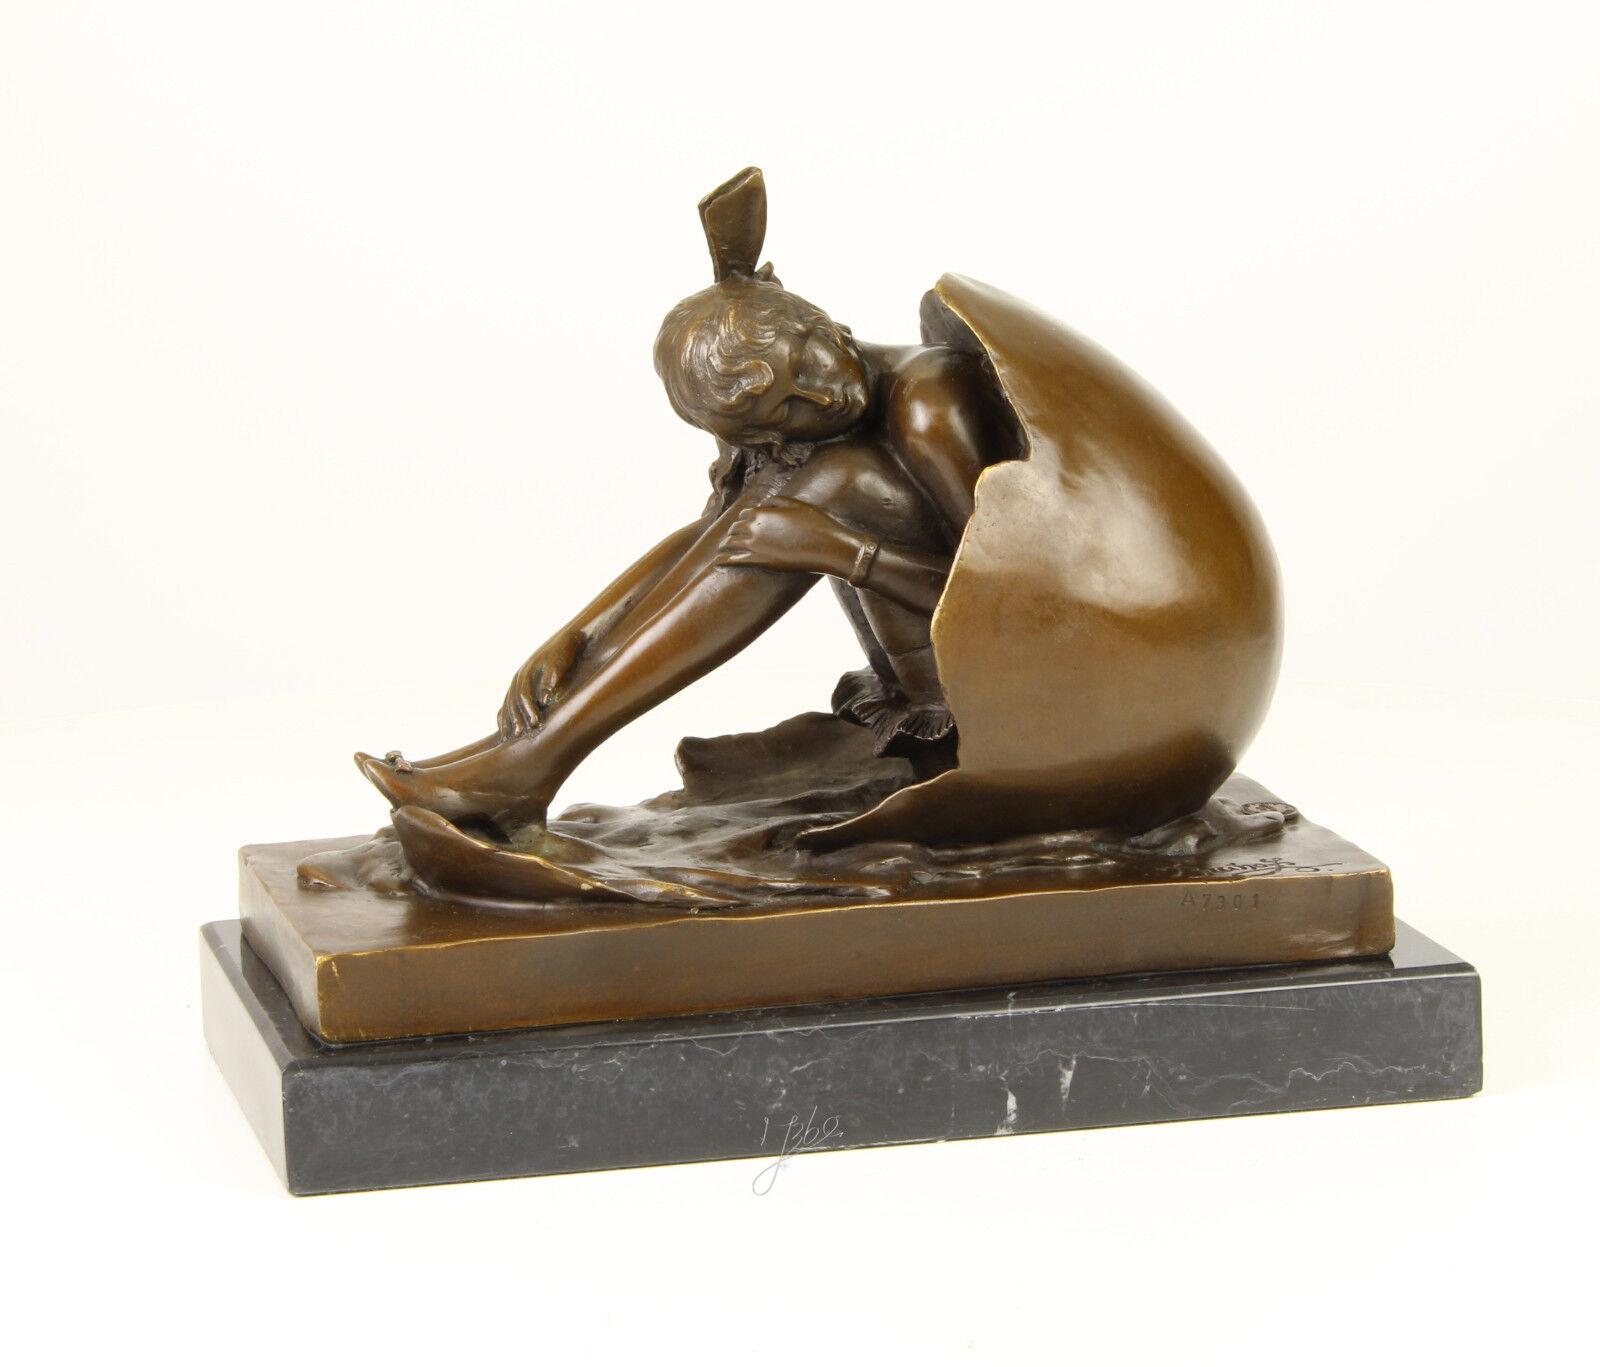 99937990-dss escultura de bronce belleza  el colesterol  tras B. Zach figura h21cm